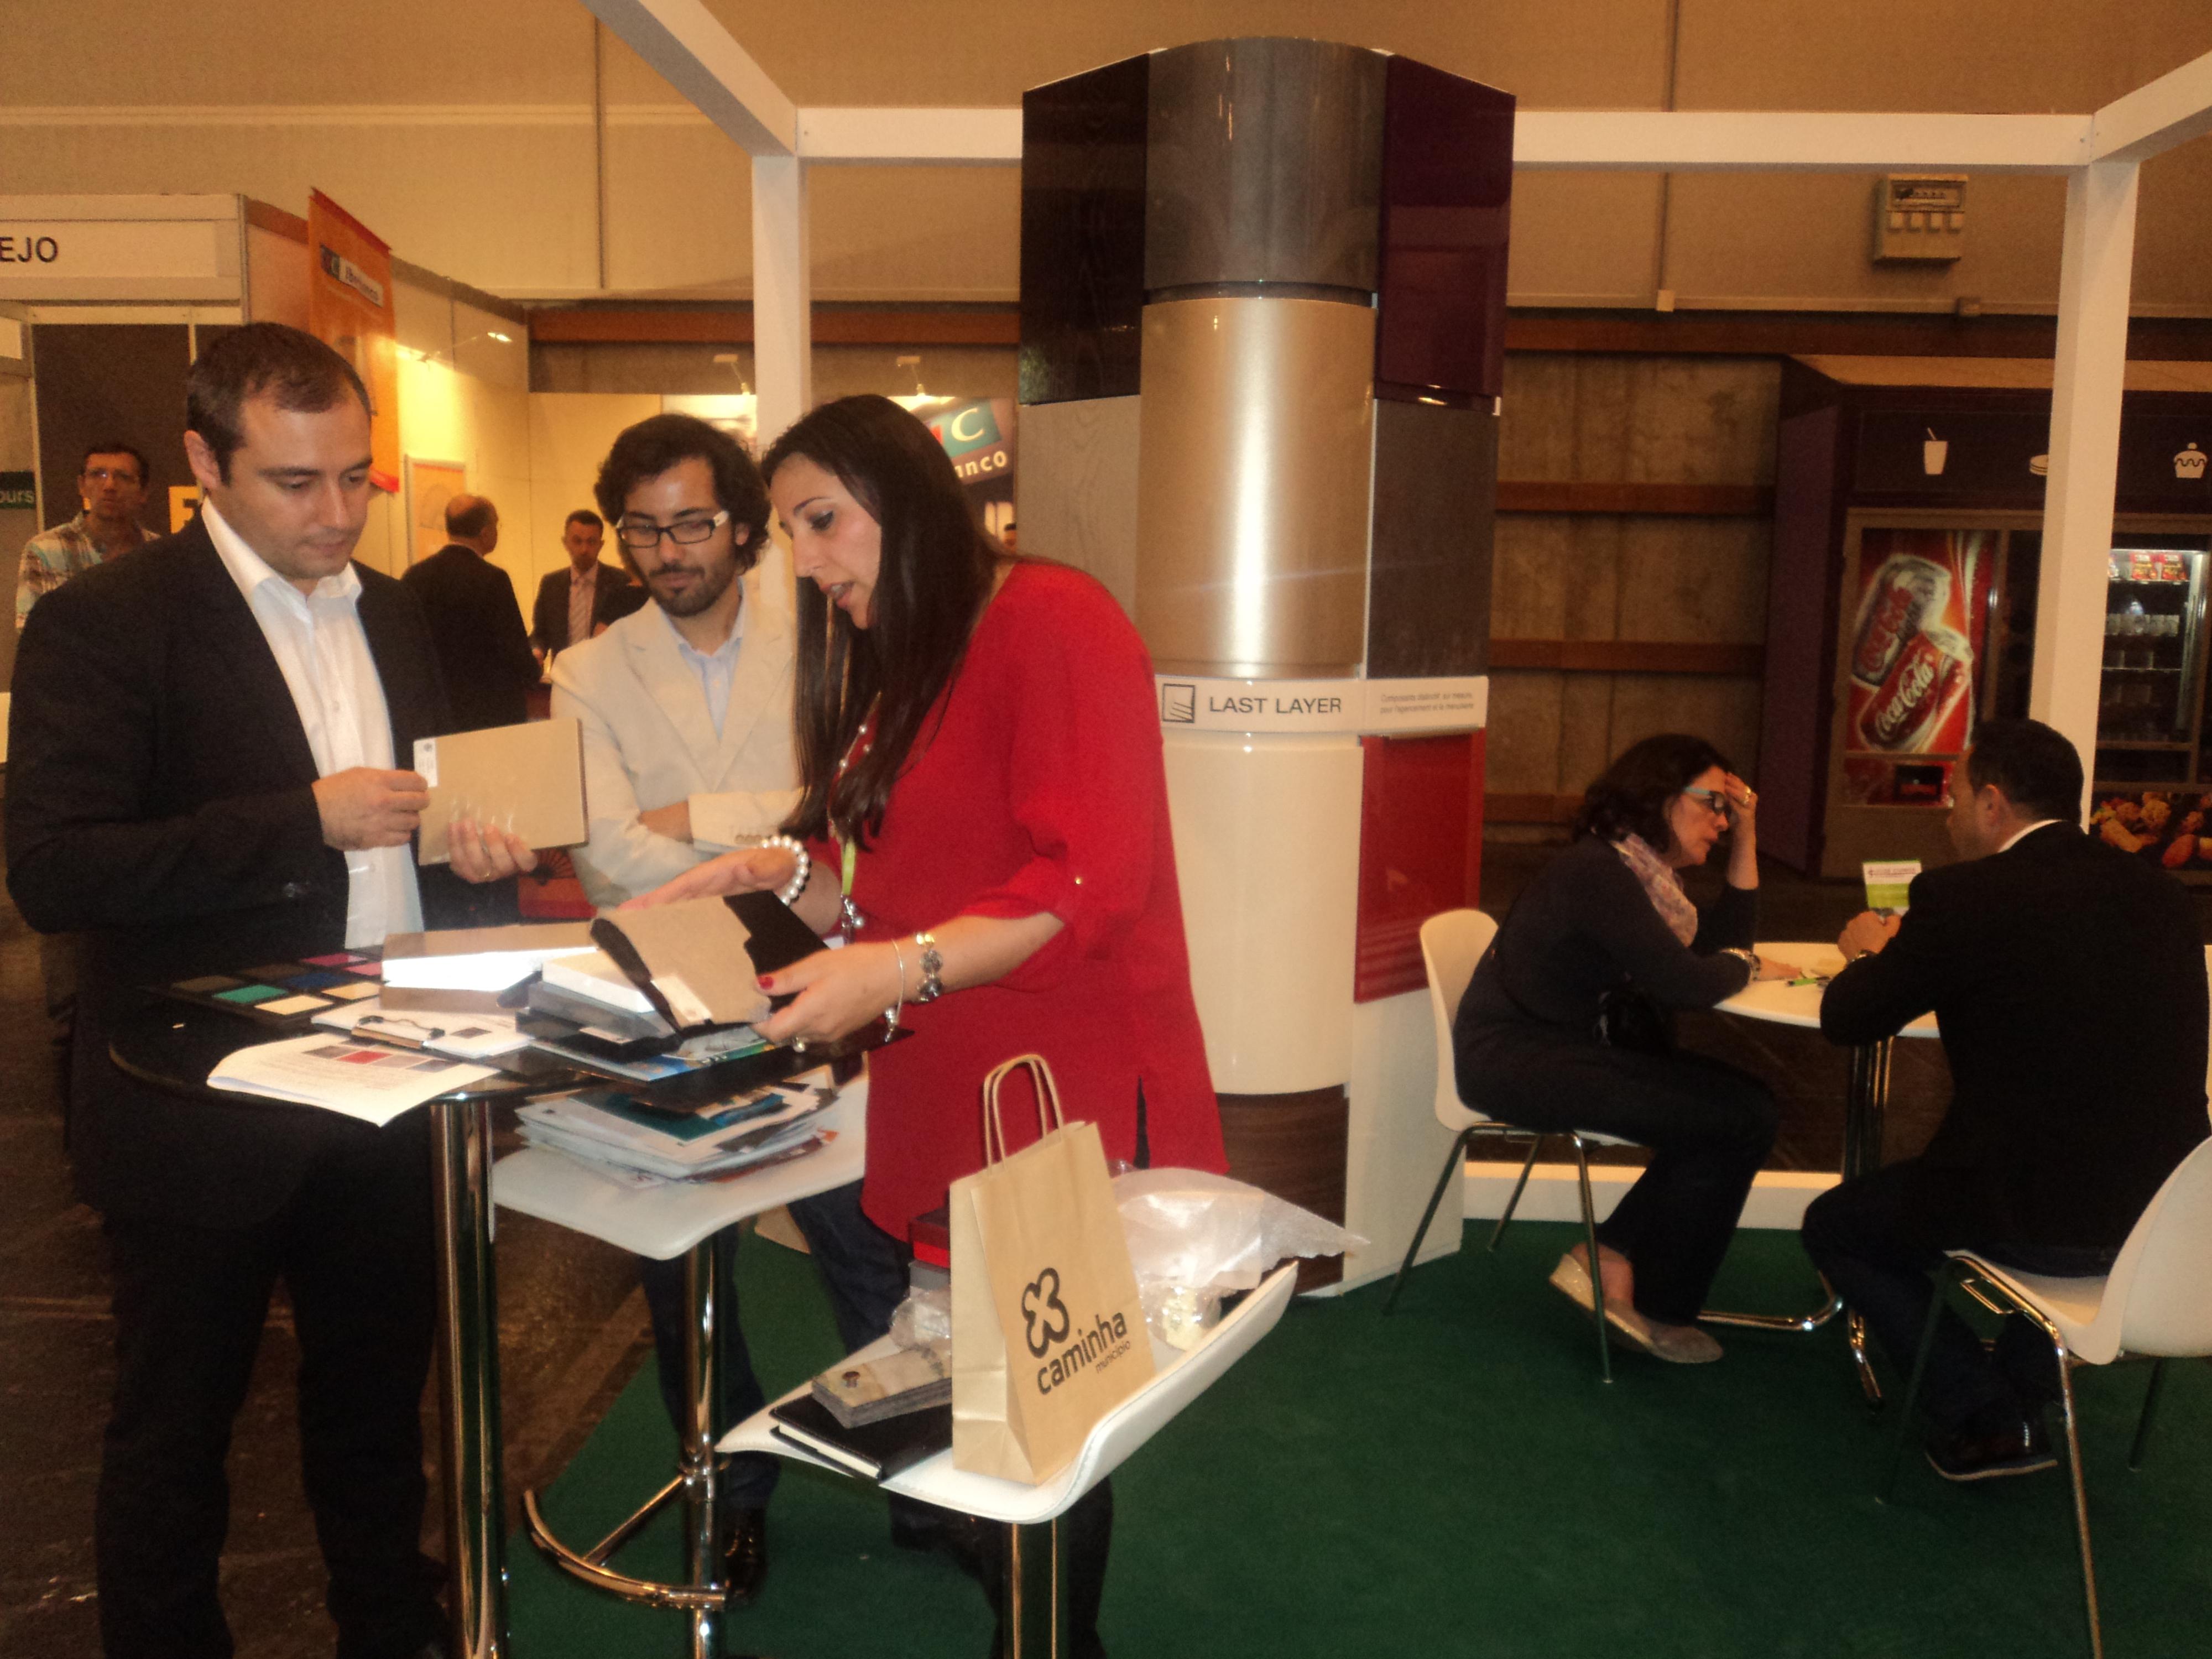 interação dos empresarios com visitantes